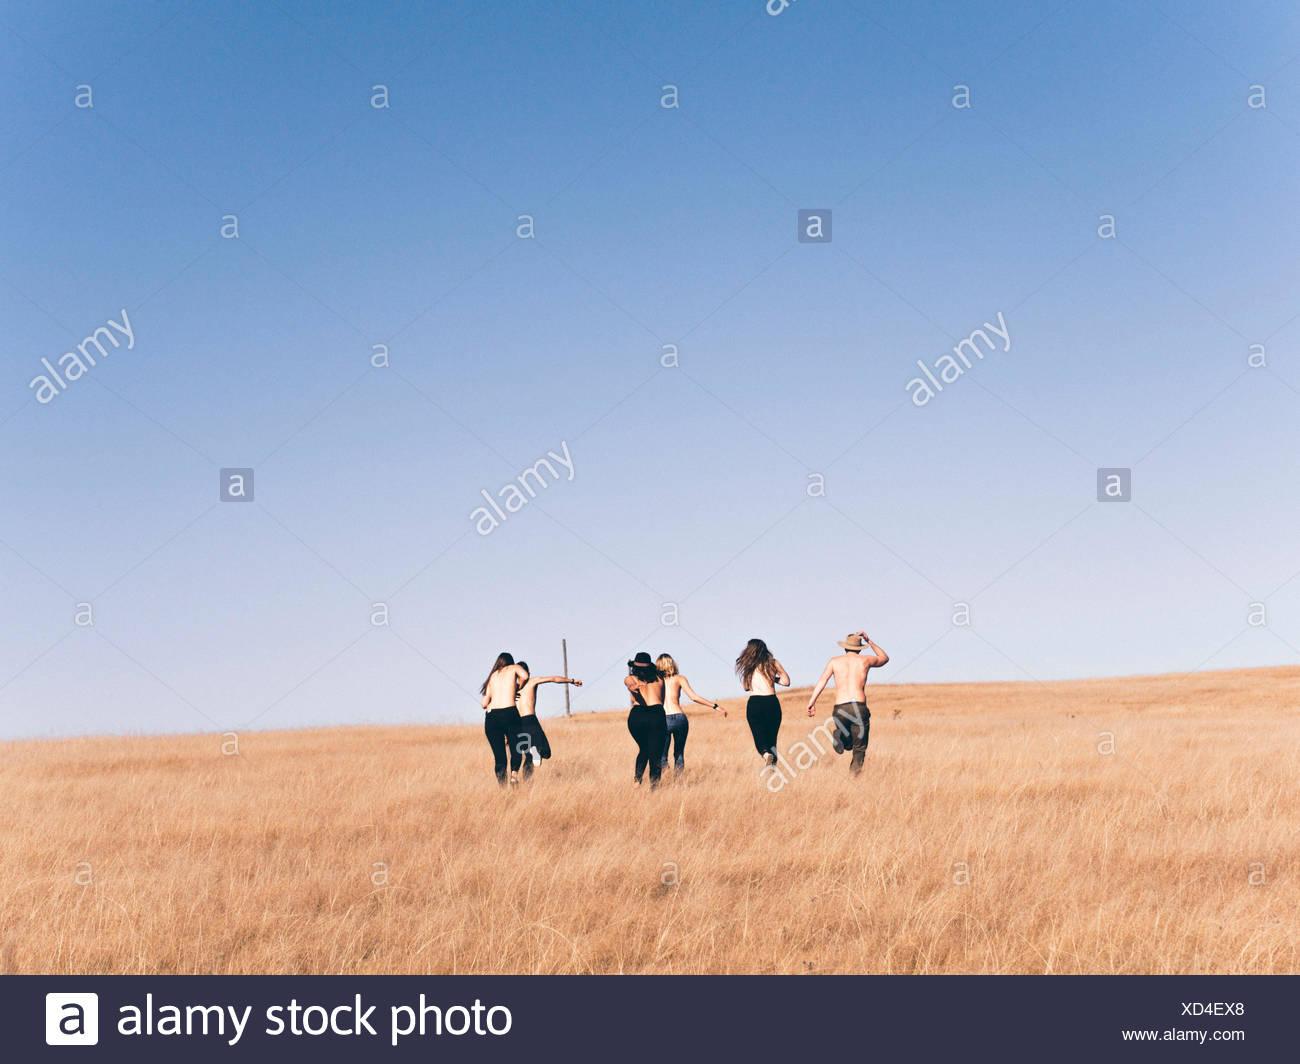 Vista posteriore di uomini e di donne in esecuzione sul campo contro il cielo chiaro Immagini Stock